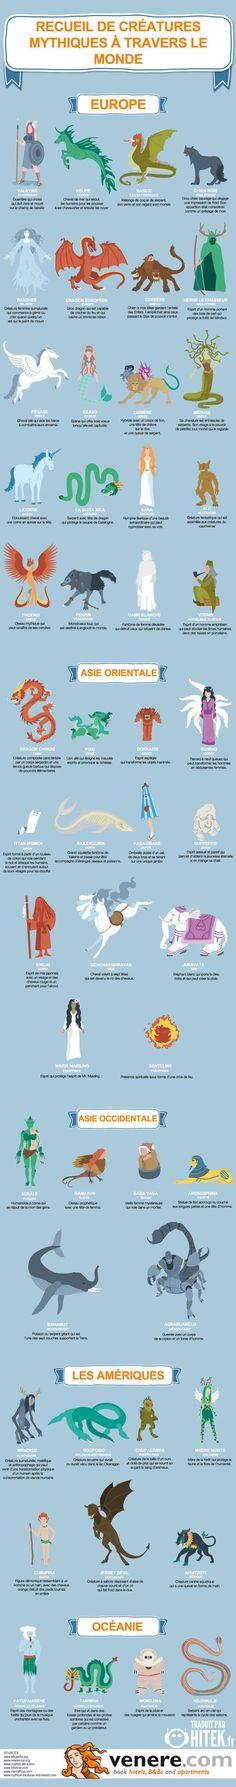 Infographie des nombreuses créatures mythiques dans le monde